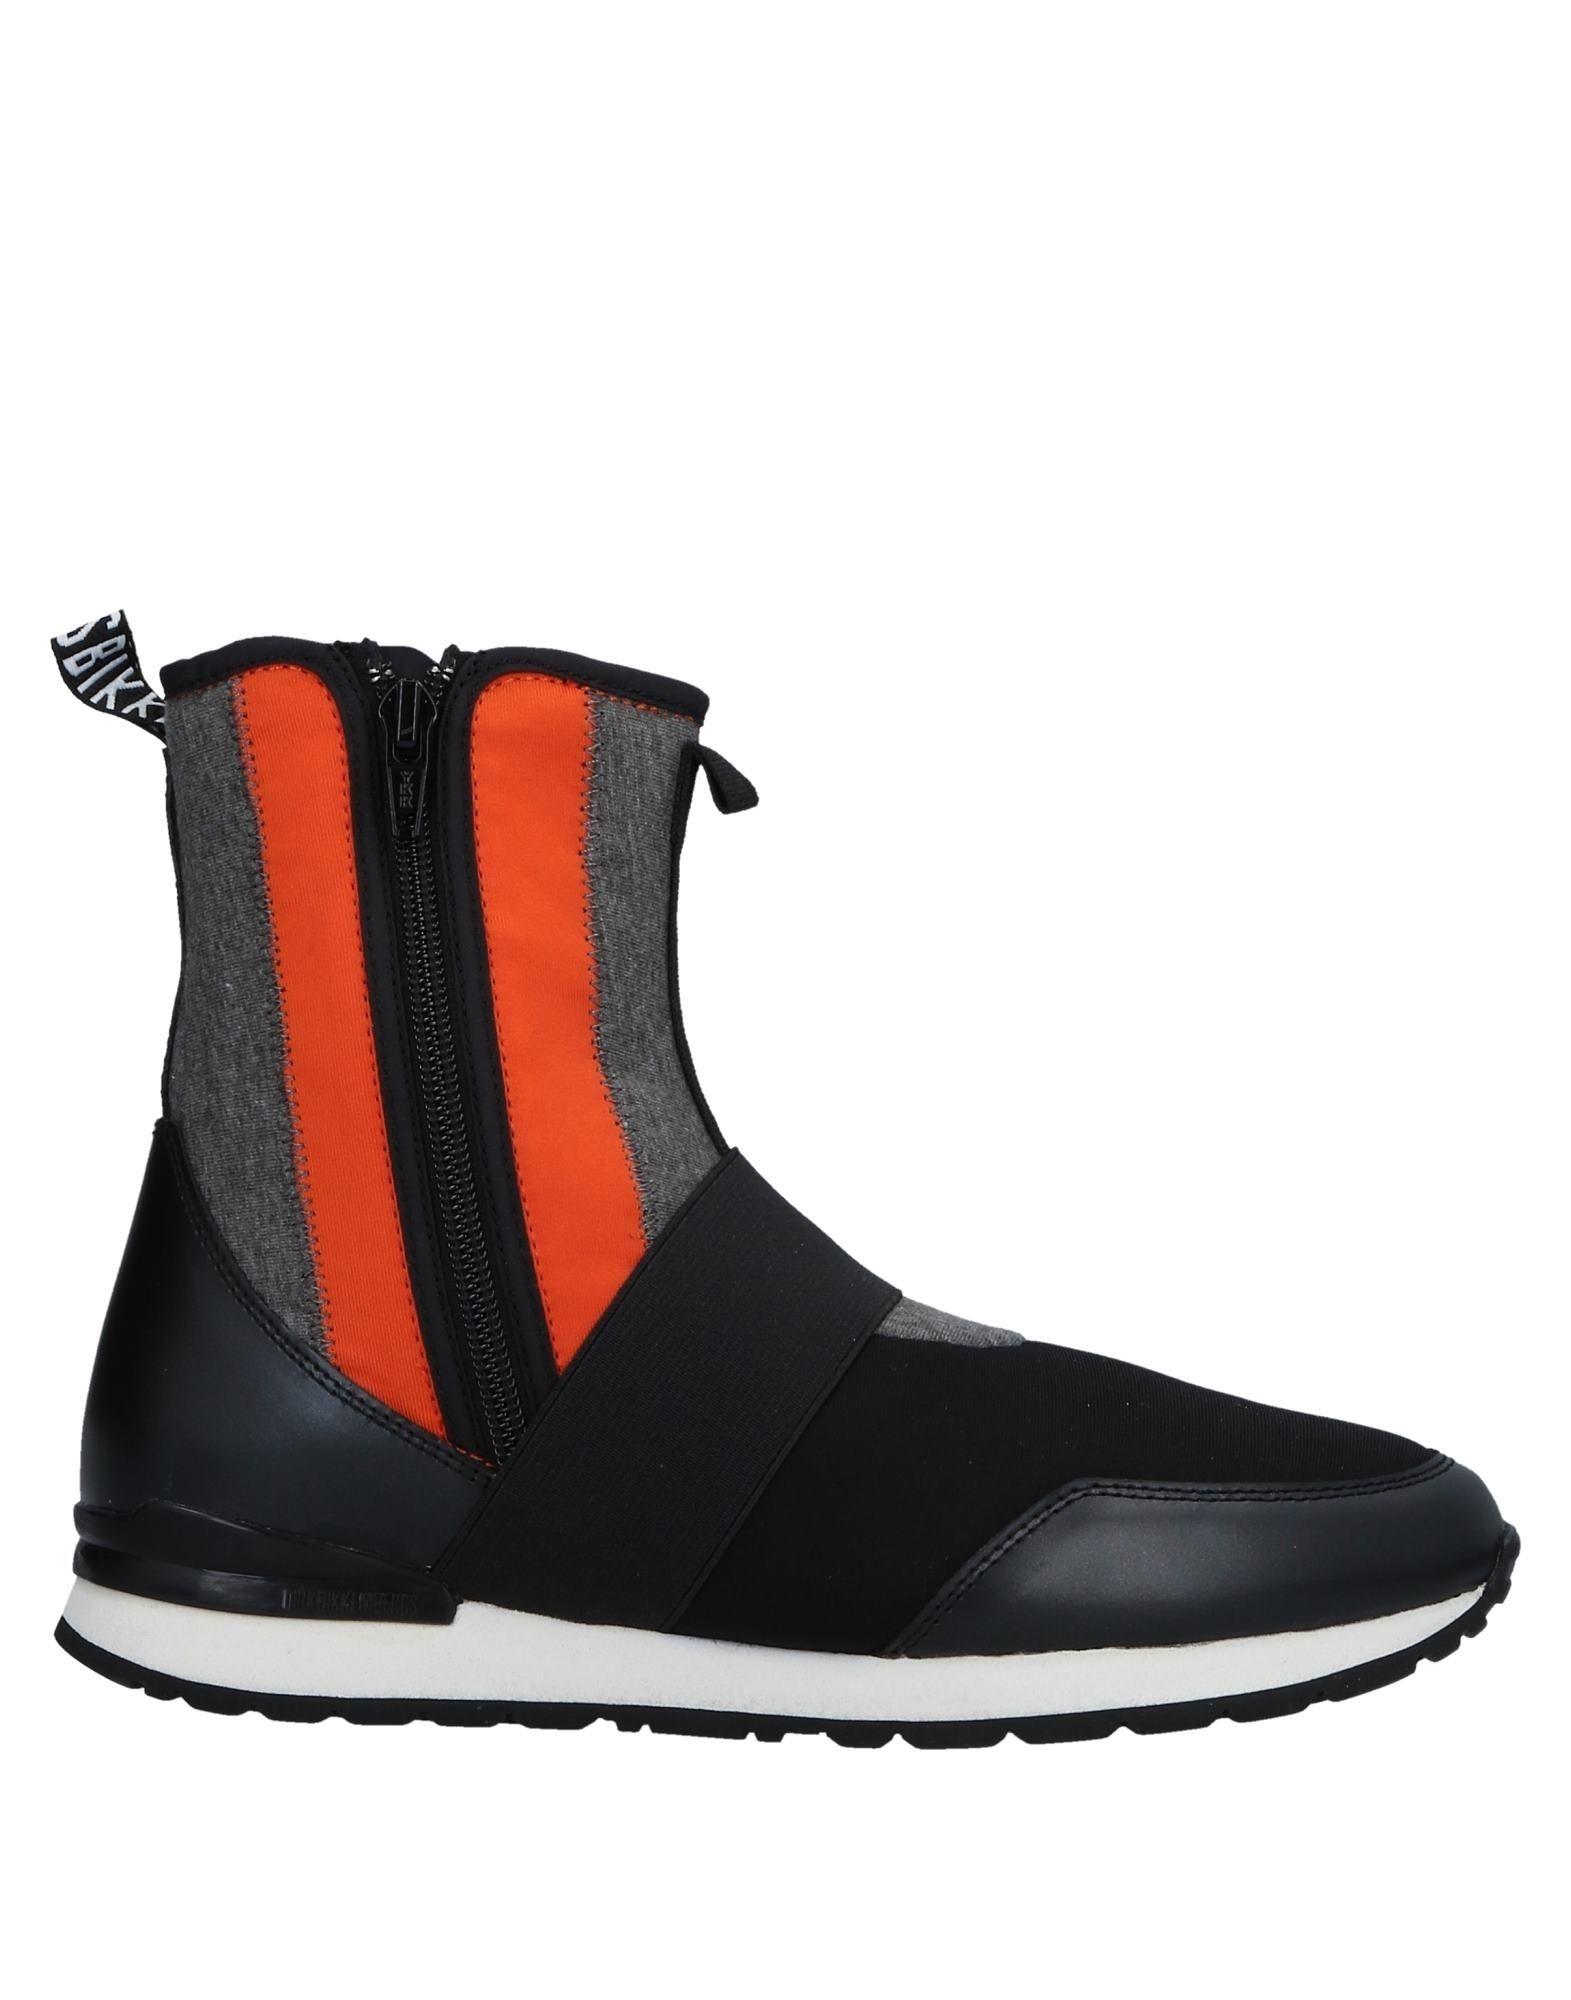 Sneakers Hogan Uomo - 11511836OR Scarpe economiche e buone